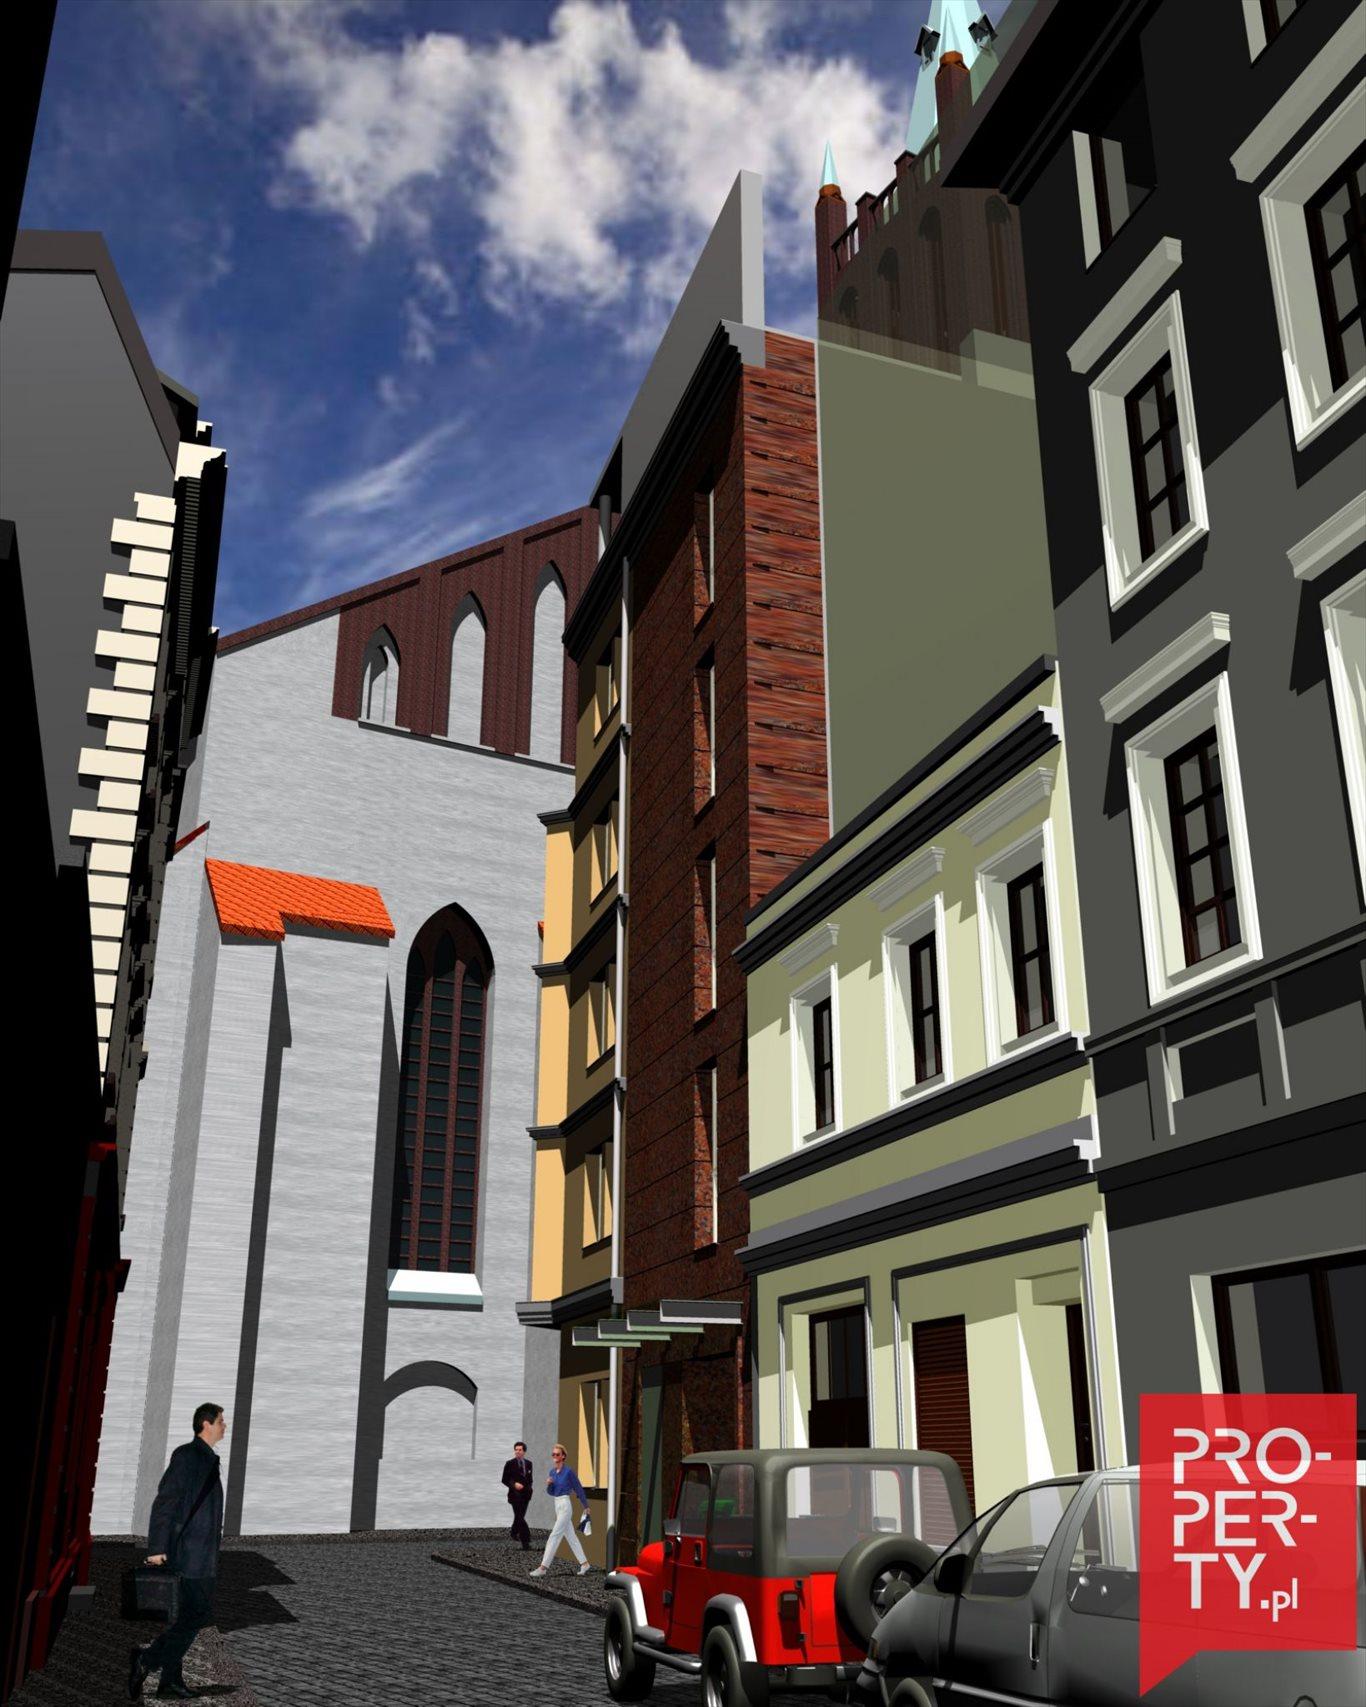 Działka budowlana na sprzedaż Bytom, Rozbark, Mariacka  290m2 Foto 6